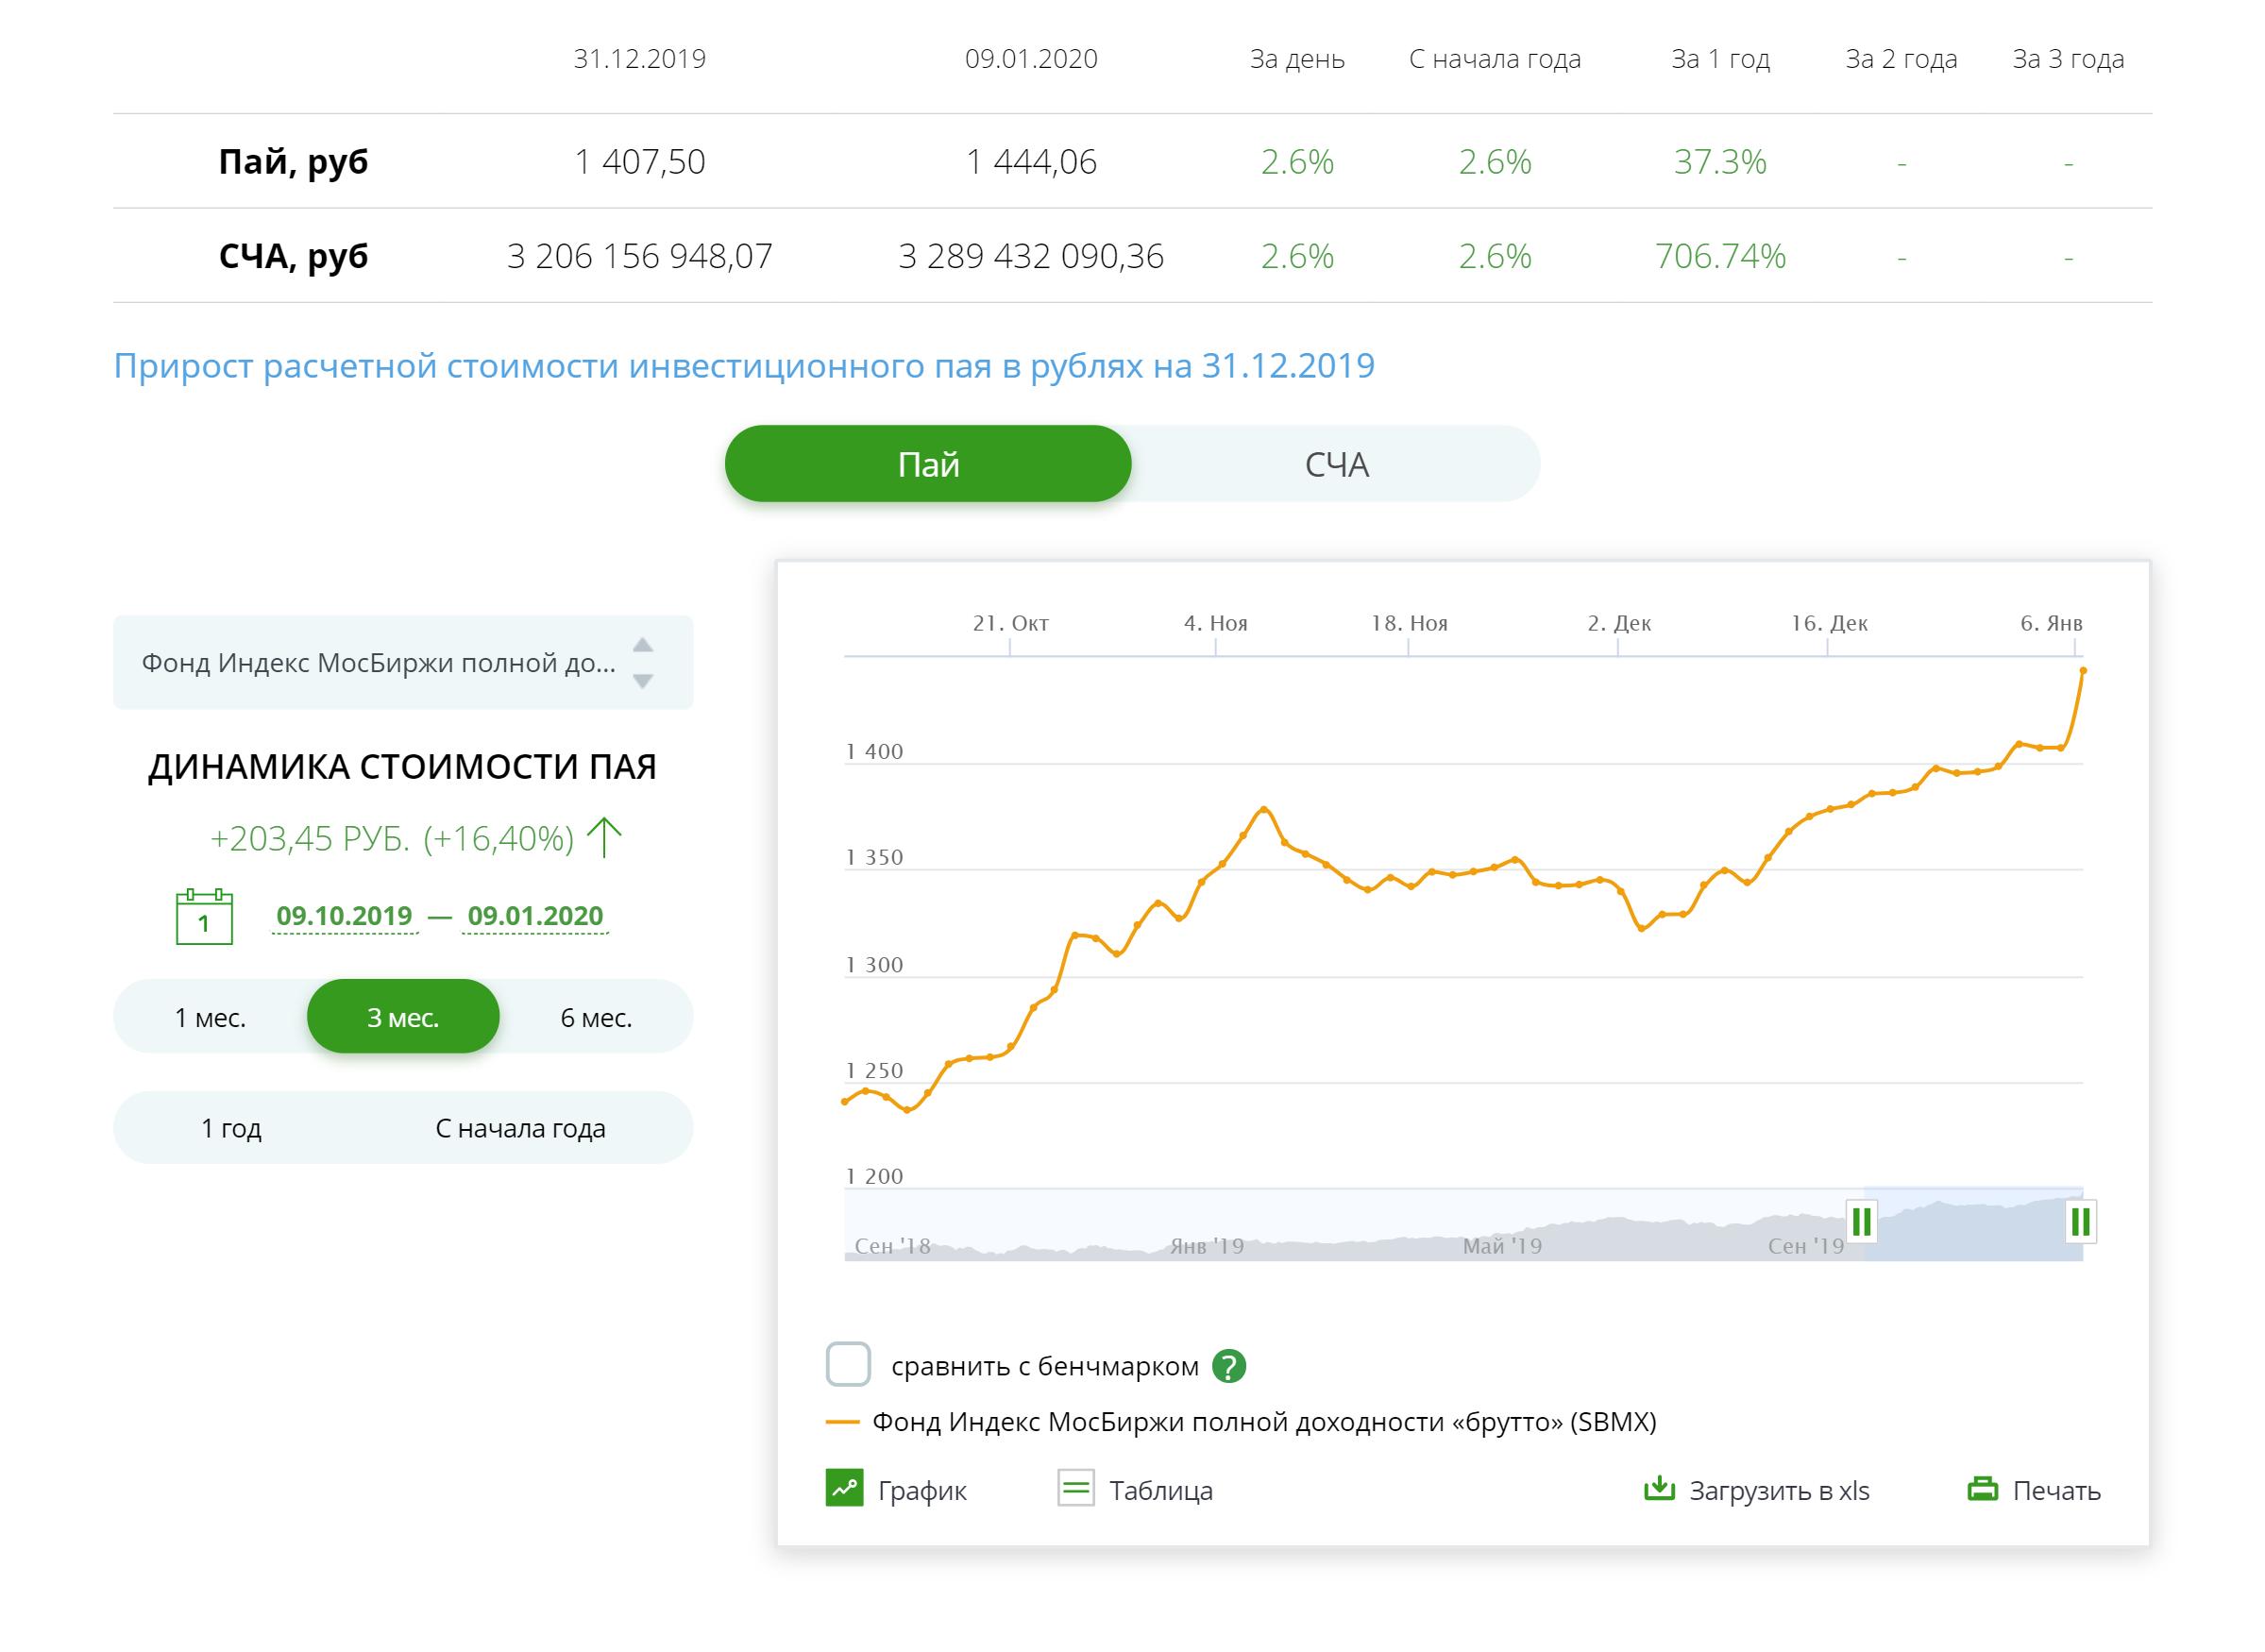 Данные о доходности фонда SBMX (акции российских компаний) на сайте УК «Сбербанк управление активами». За три месяца, с 9 октября 2019года по 9 января 2020года, паи фонда подорожали на 16,4%